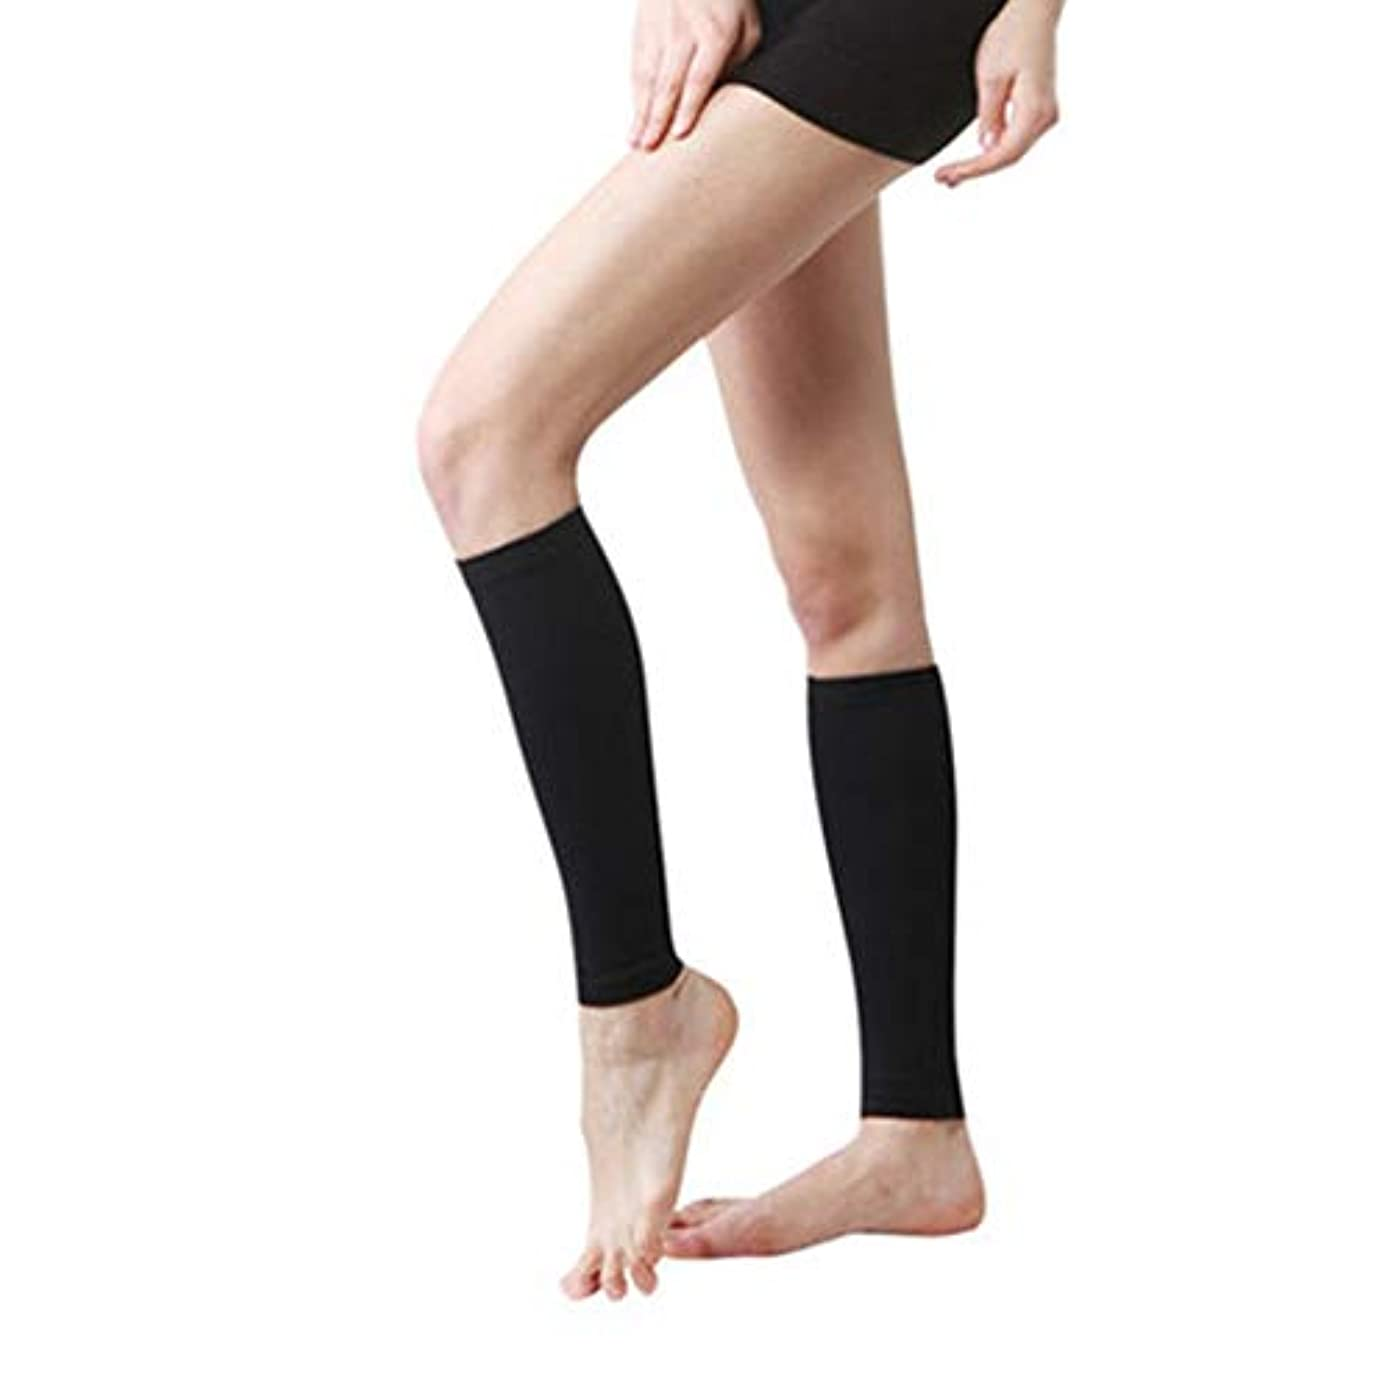 獣しおれた中古丈夫な男性女性プロの圧縮靴下通気性のある旅行活動看護師用シンススプリントフライトトラベル - ブラック